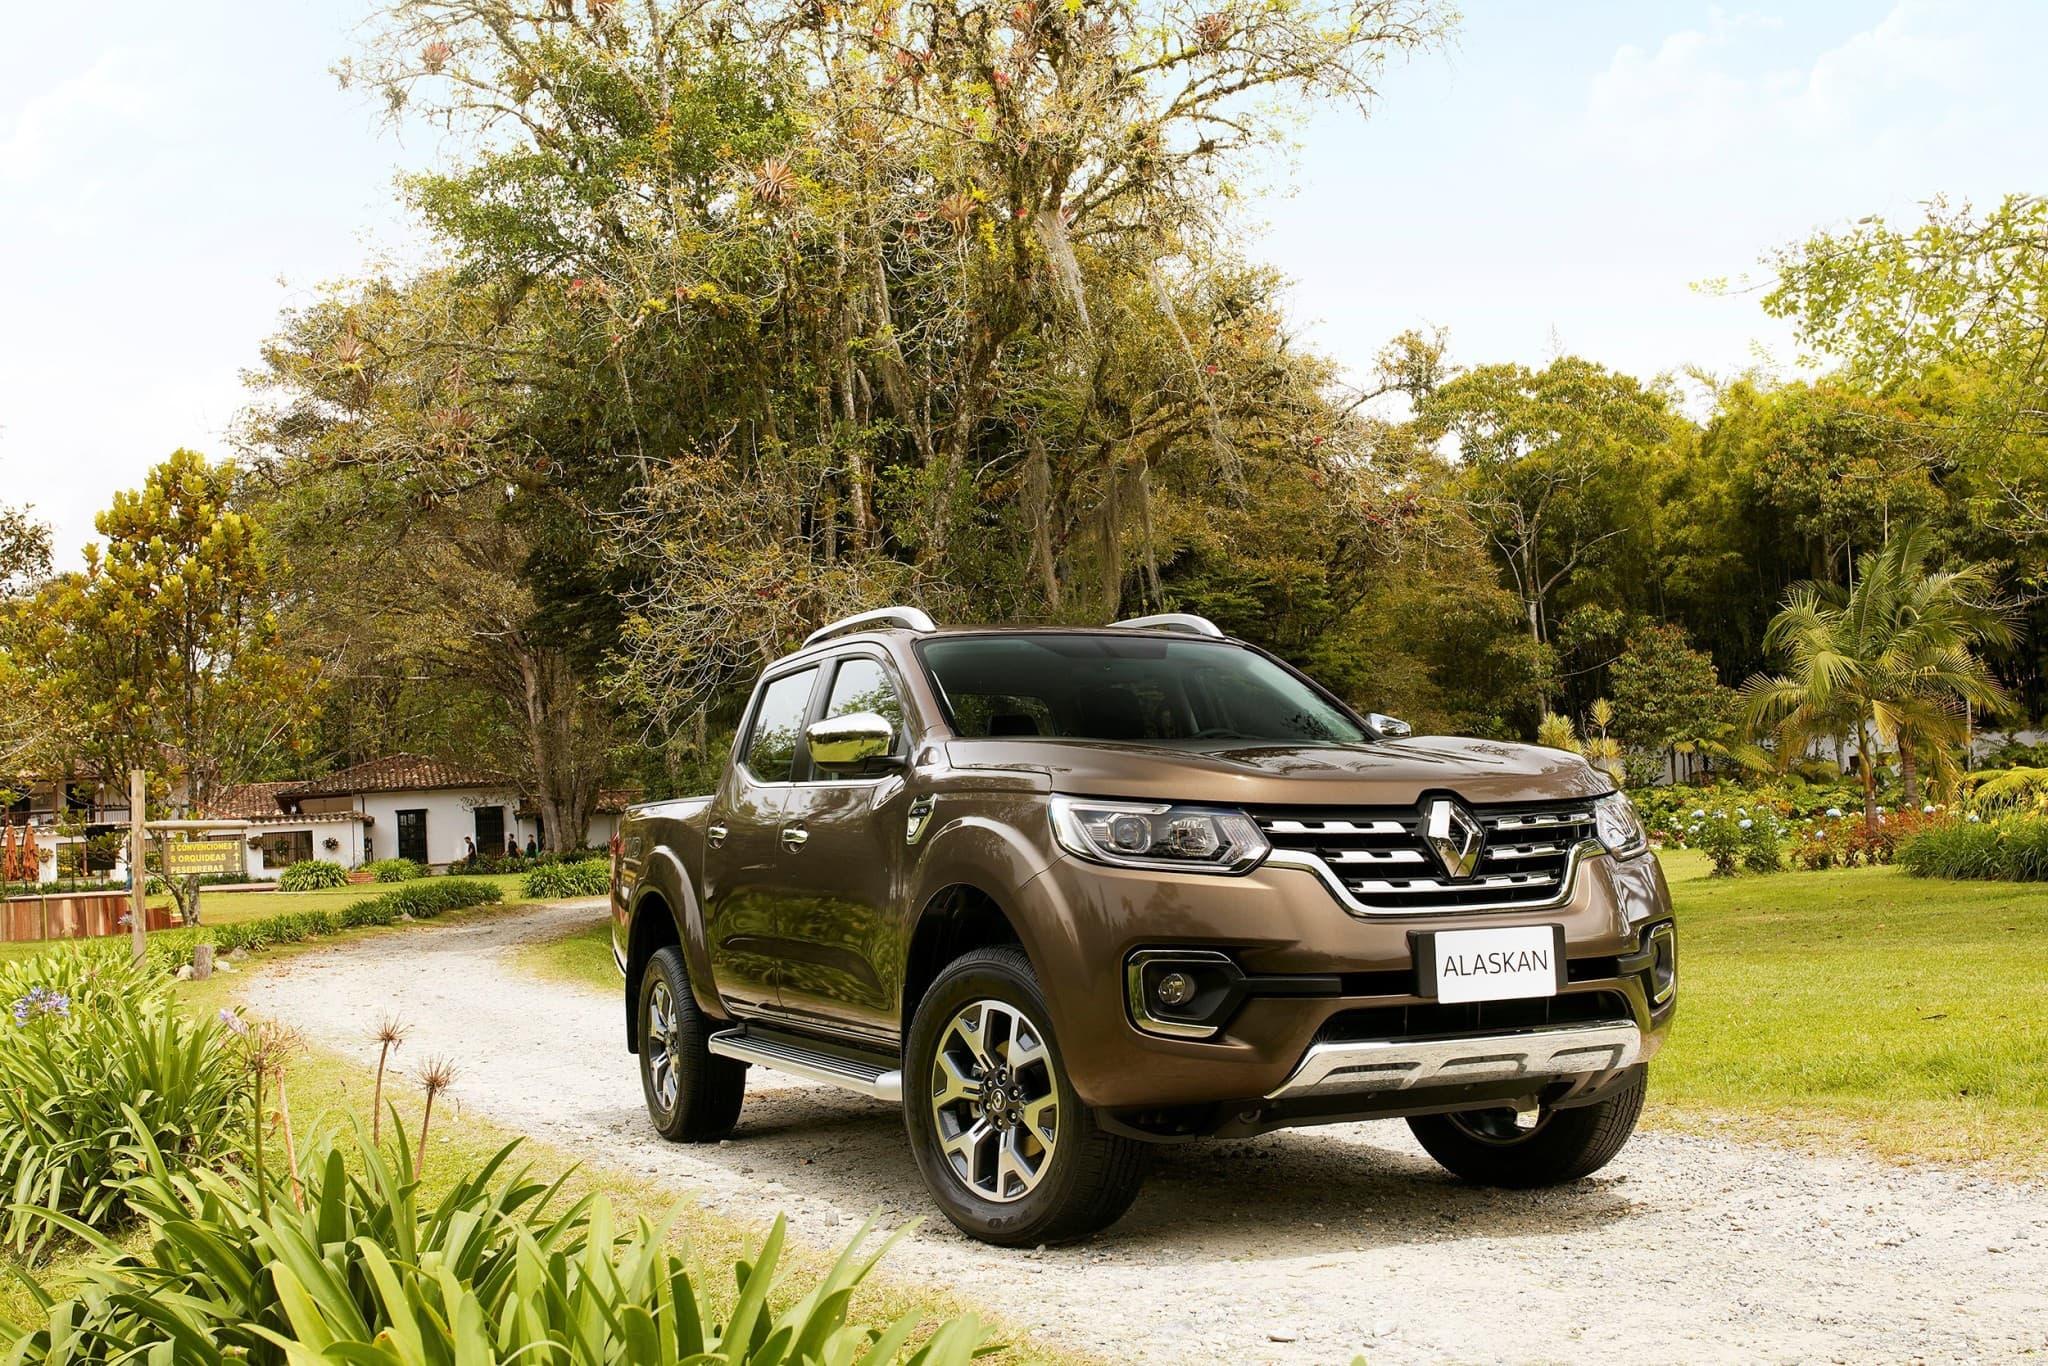 Renault_80147_global_en